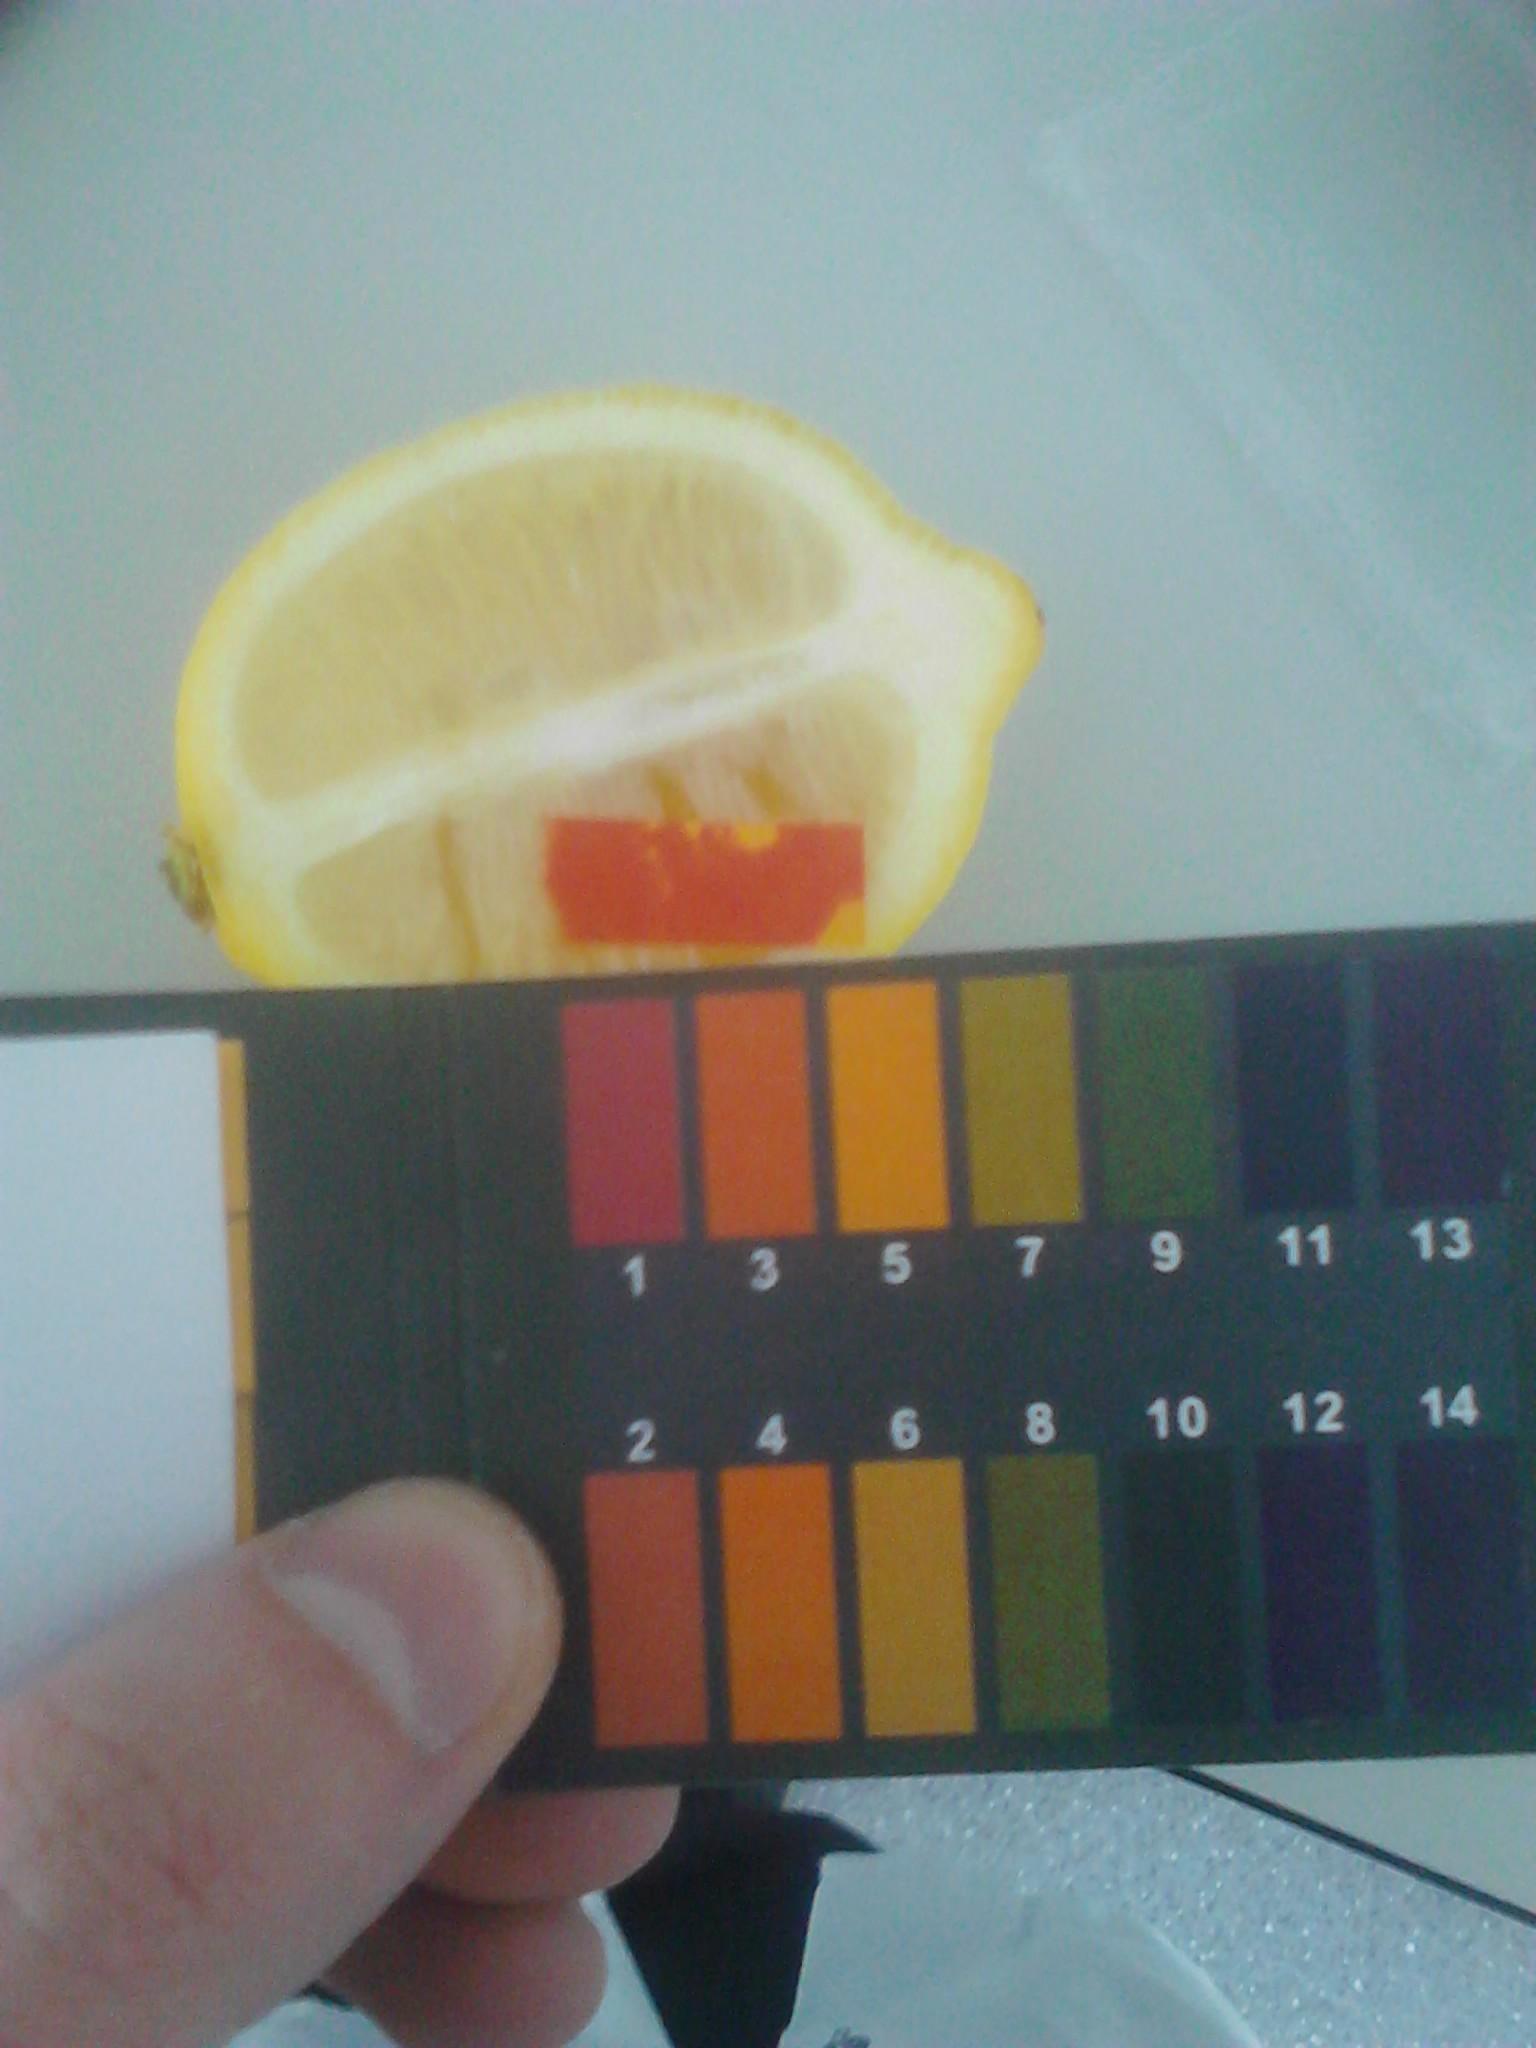 Внутреннее сопротивление гальванического элемента (на примере фруктовой батарейки)